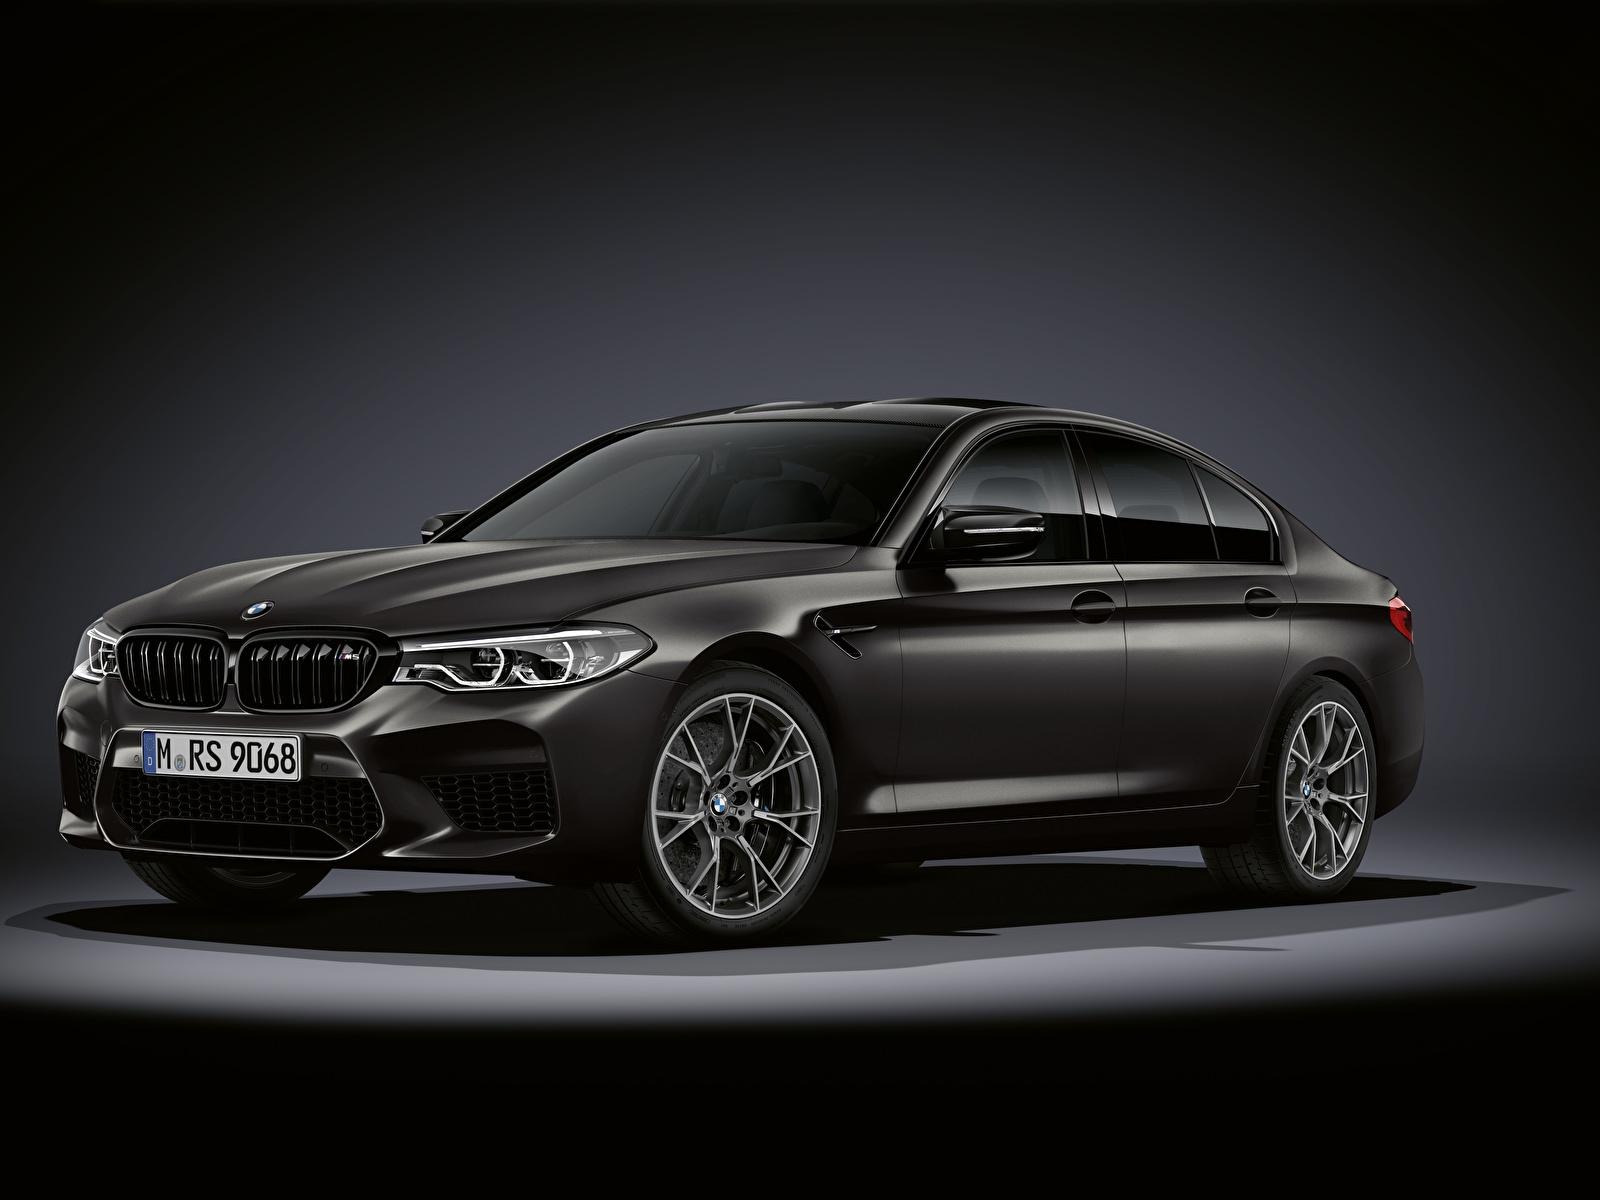 Фотография БМВ M5, F90, 2019, Edition 35 Years черная Автомобили 1600x1200 BMW Черный черные черных авто машины машина автомобиль